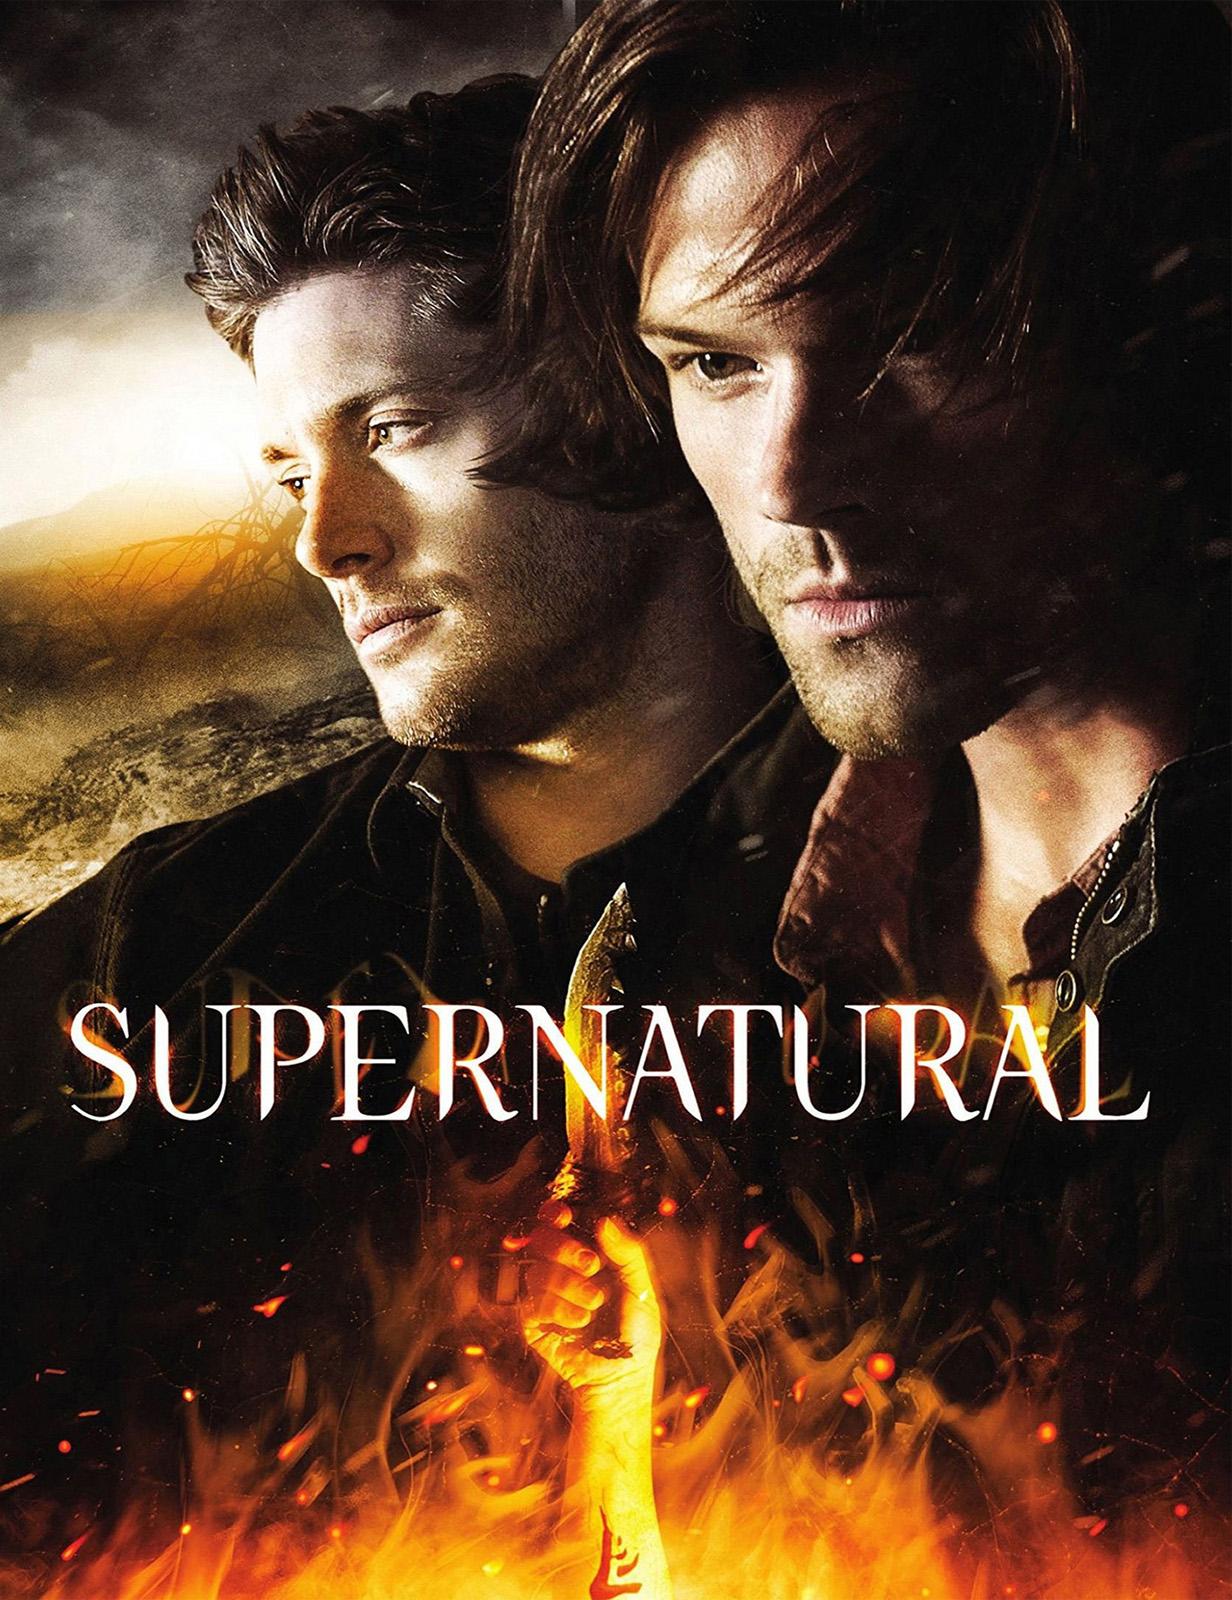 https://megadescargas-new.blogspot.com/2020/12/sobrenatural-serie-completa-latino.html